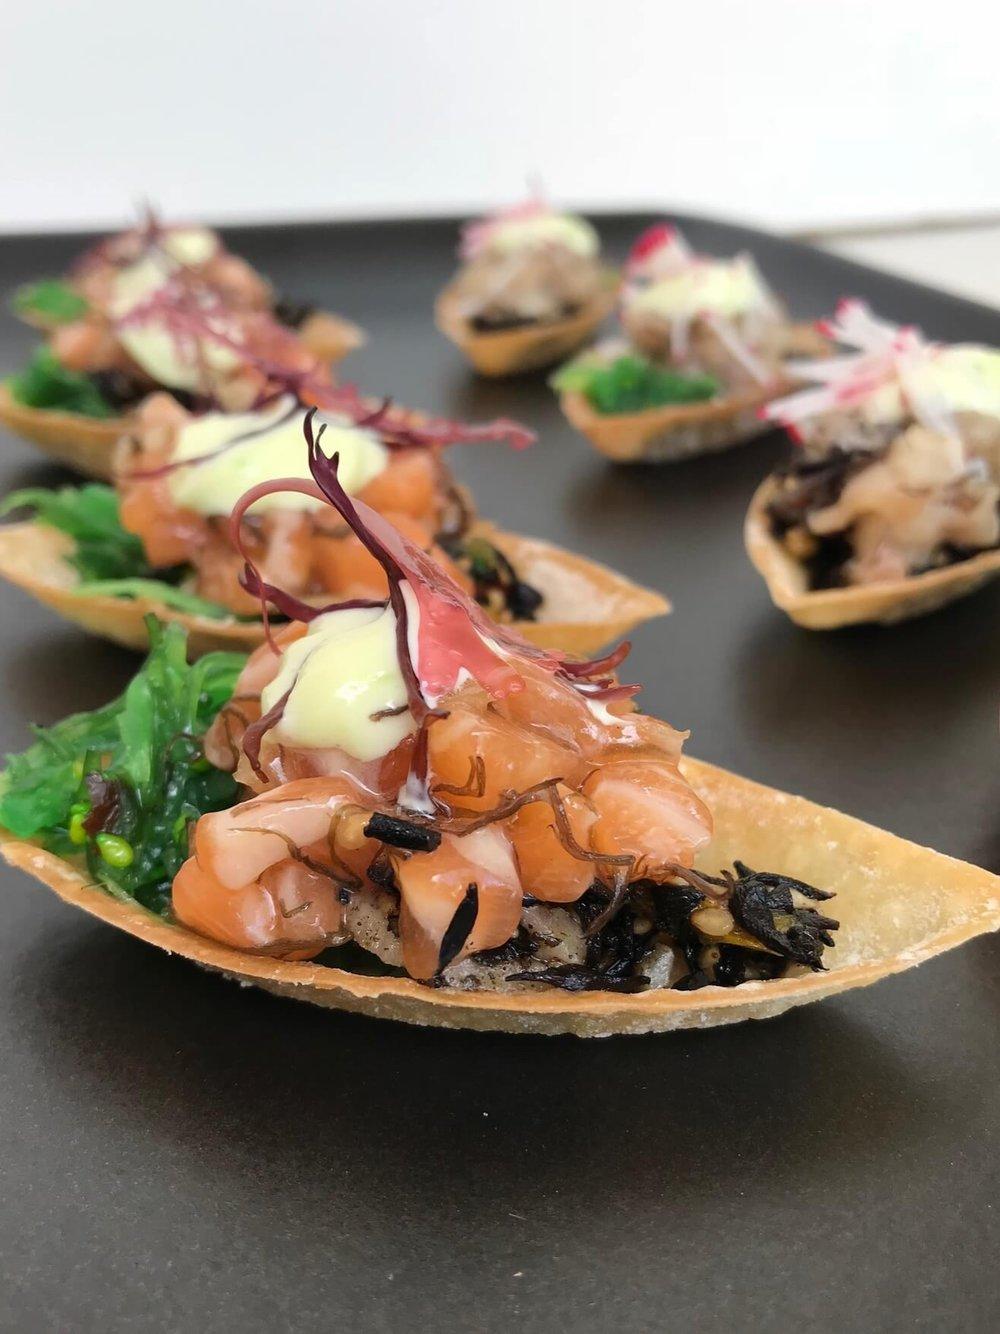 Salmon and Hamachi Poke Boats - Fresh salmon and hamachi poke with hijiki and wakame saladServed in wonton boats and garnished with dulse, radish, and wasabi mayo